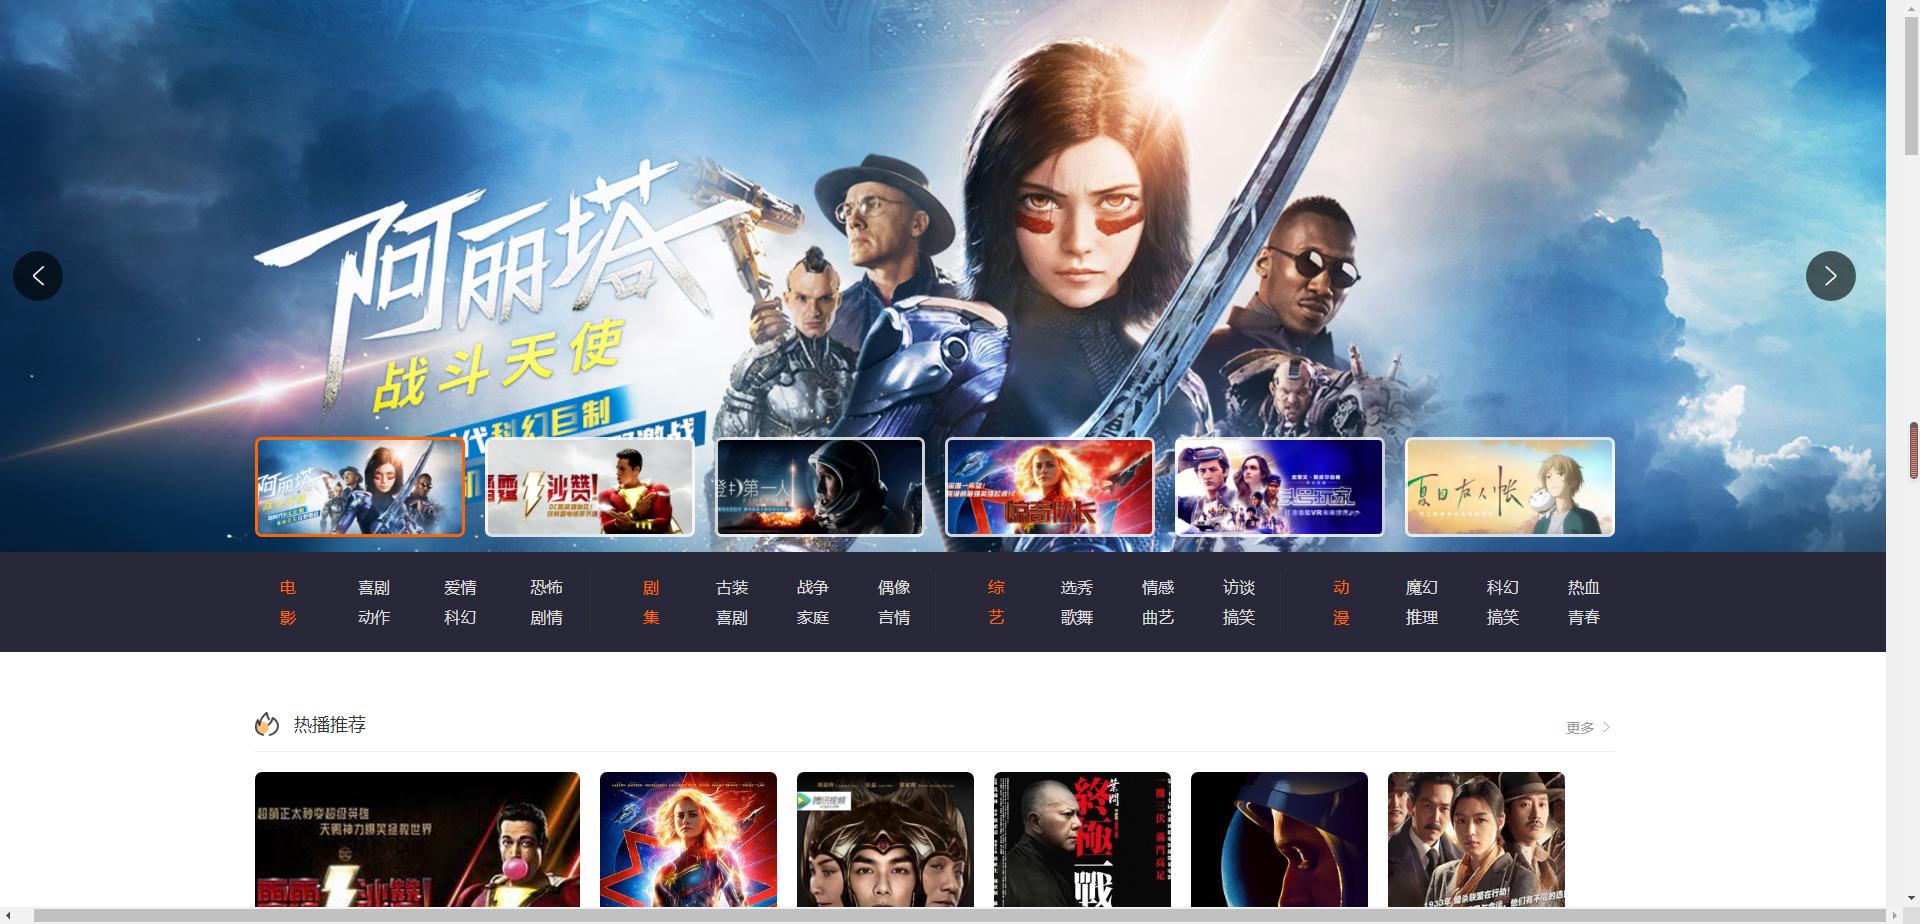 米酷CMS6.2.3最新版本,2019年10月17日米酷CMS修复最新版本,最新电影网站源码